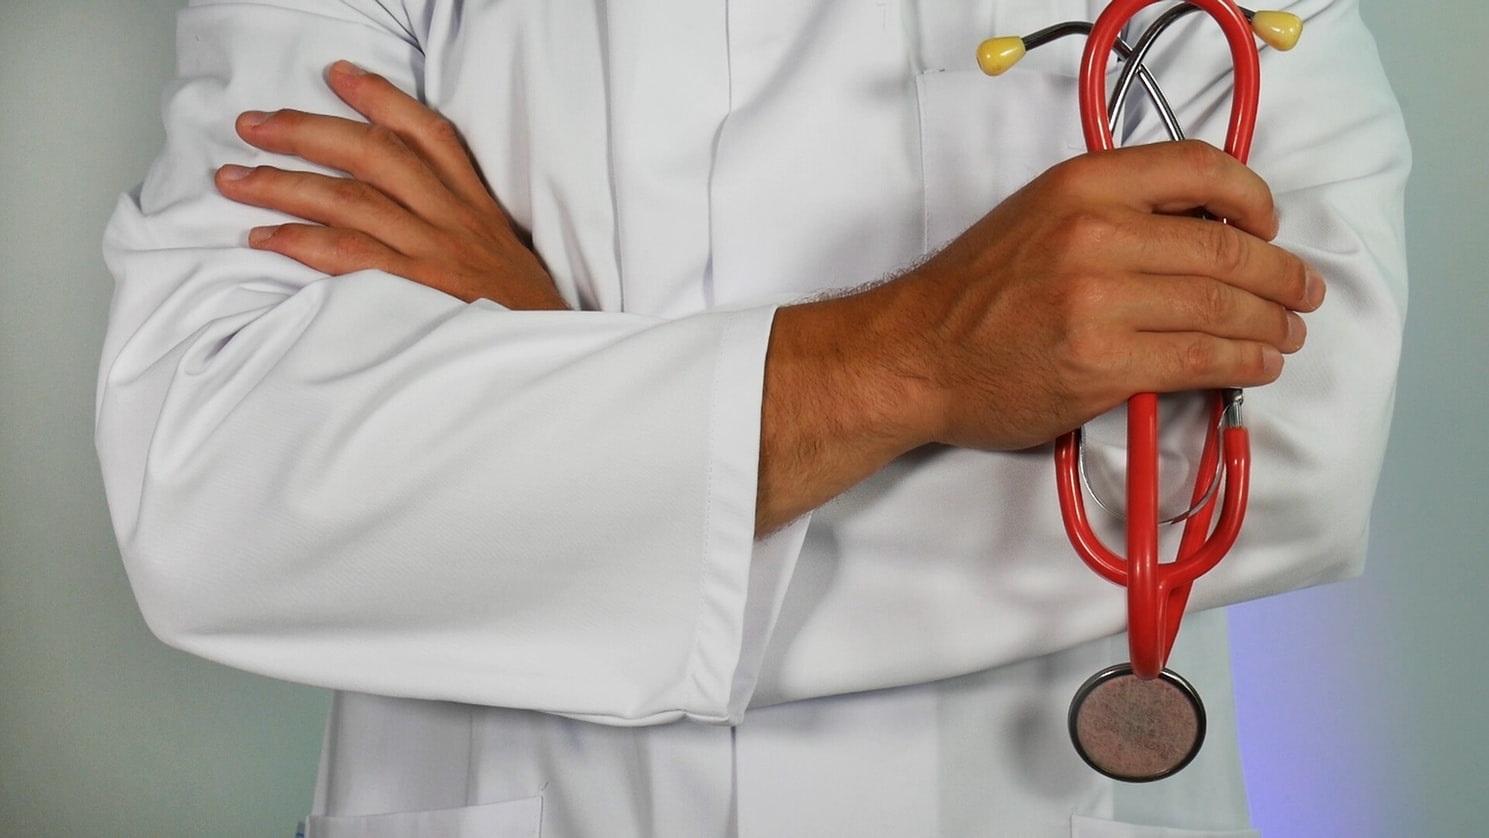 :Ce projet vise entre autres à implanter l'enseignement du préexternat en médecine, soit les trois premières années du doctorat, à Rimouski et à Lévis.